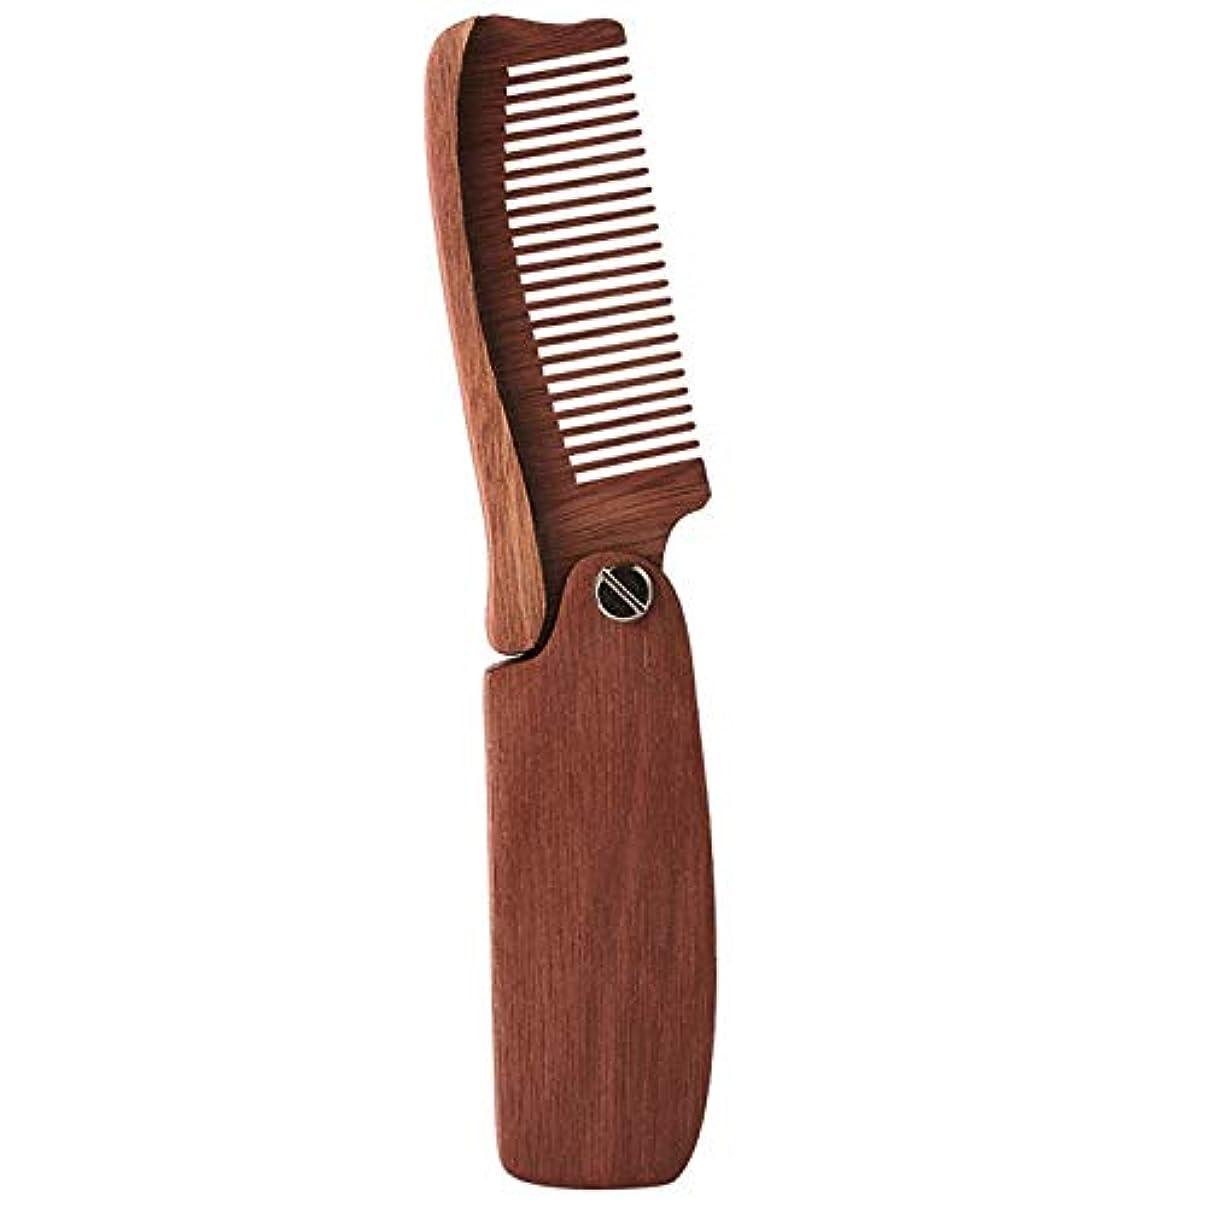 トリクル排除多年生CUHAWUDBA Amodong木製折りたたみ櫛ポータブルひげ櫛ひげスタイリングツールヘアスタイリングツール